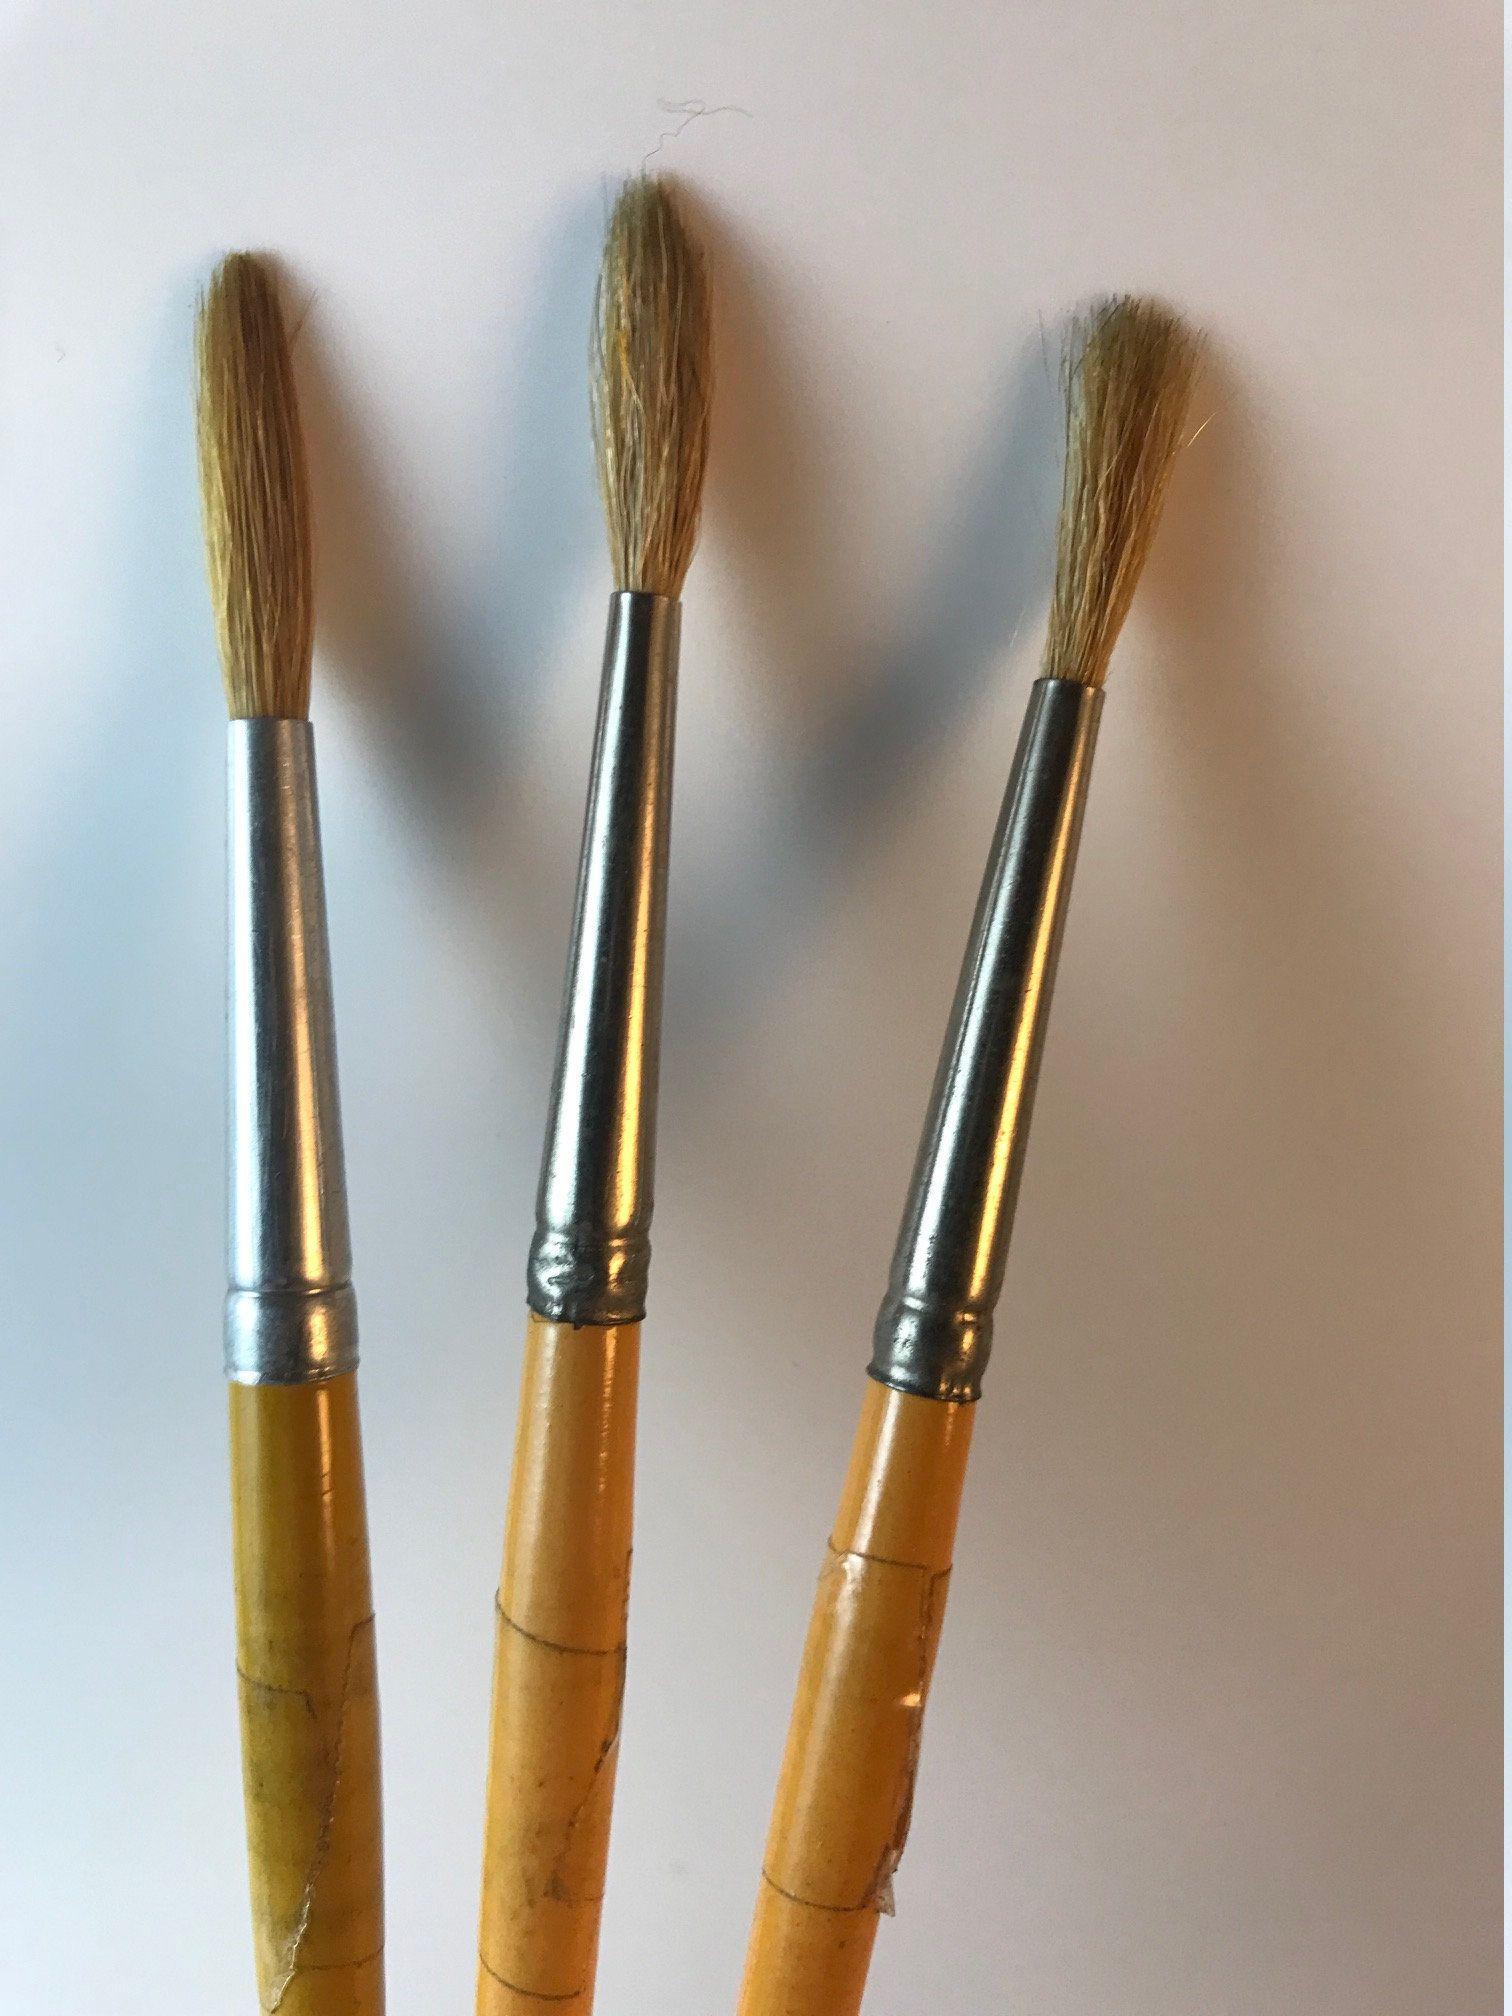 Natural Bristle Makeup Brushes: Vintage Grumbacher Brush, Vintage Gyros Brushes, Sabeline